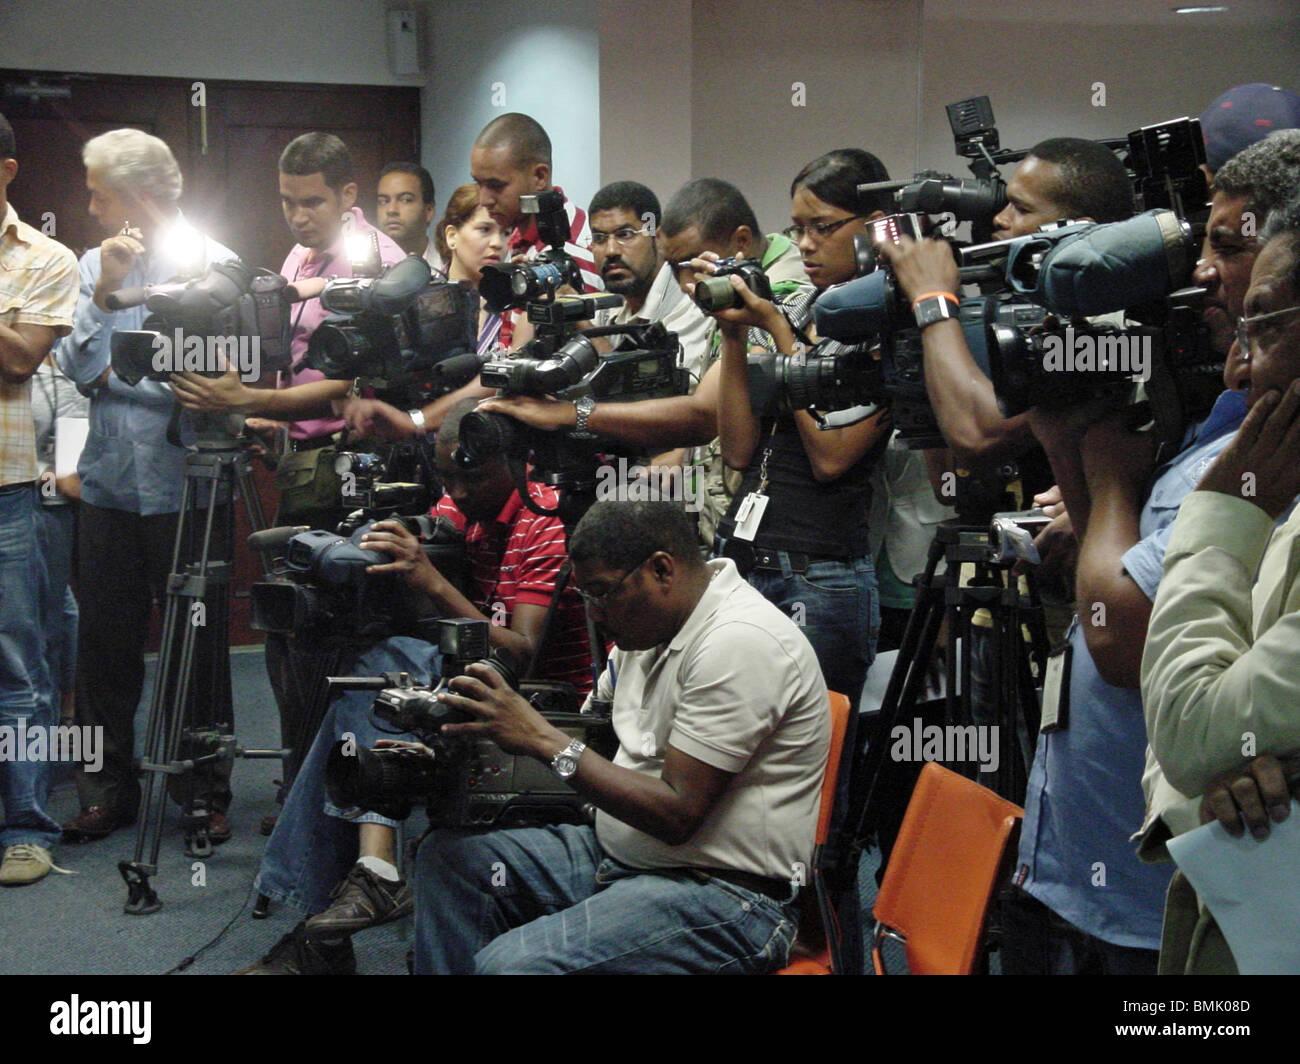 Dominican Republic press corps at a press conference, Santo Domingo, Dominican Republic - Stock Image